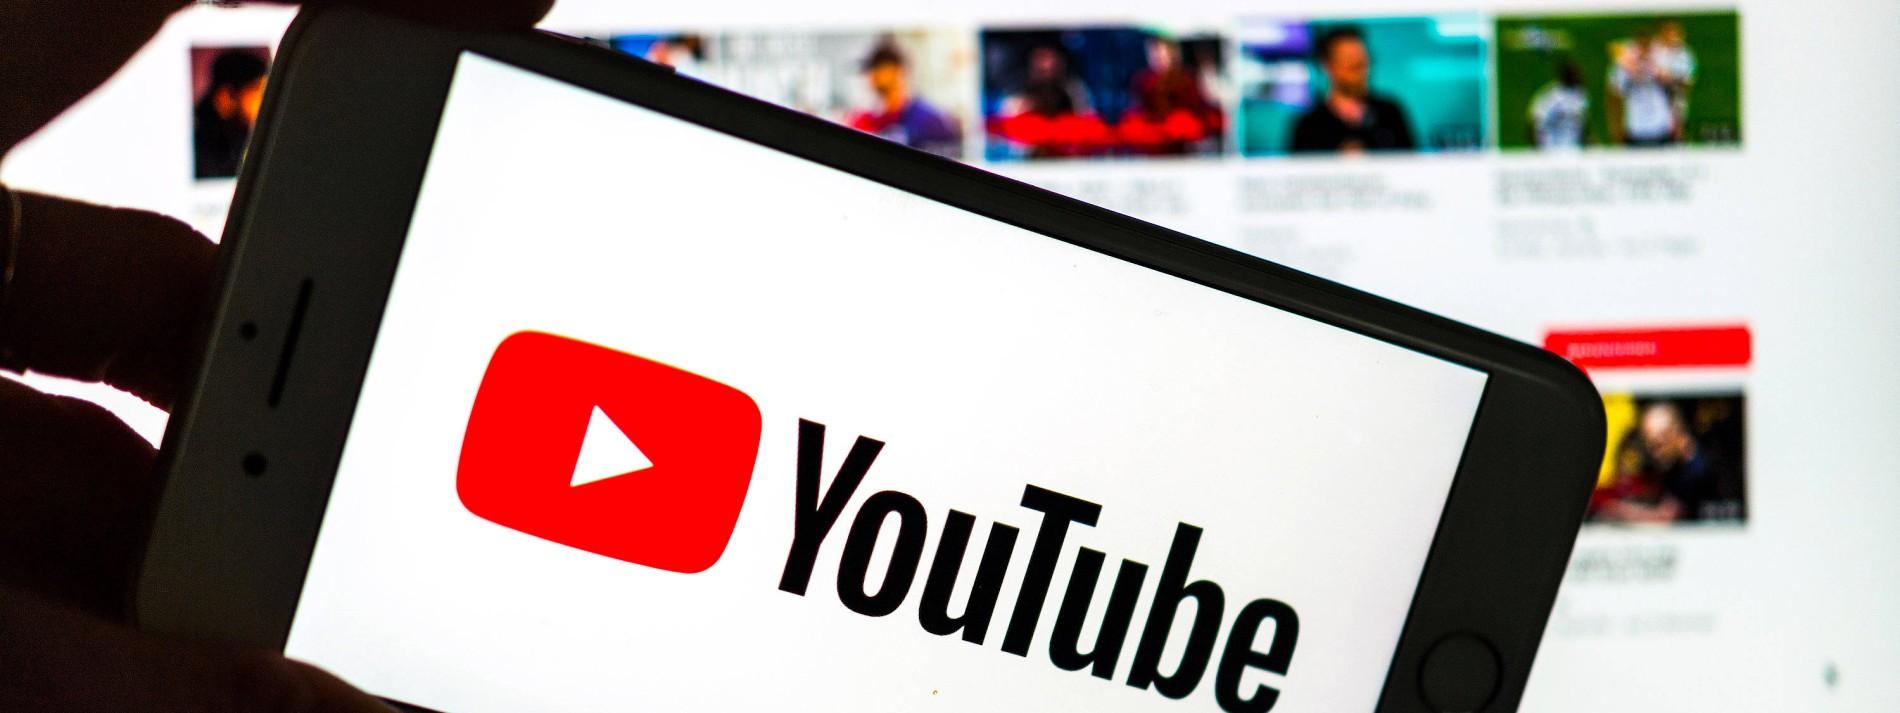 Youtube gegen NetzDG